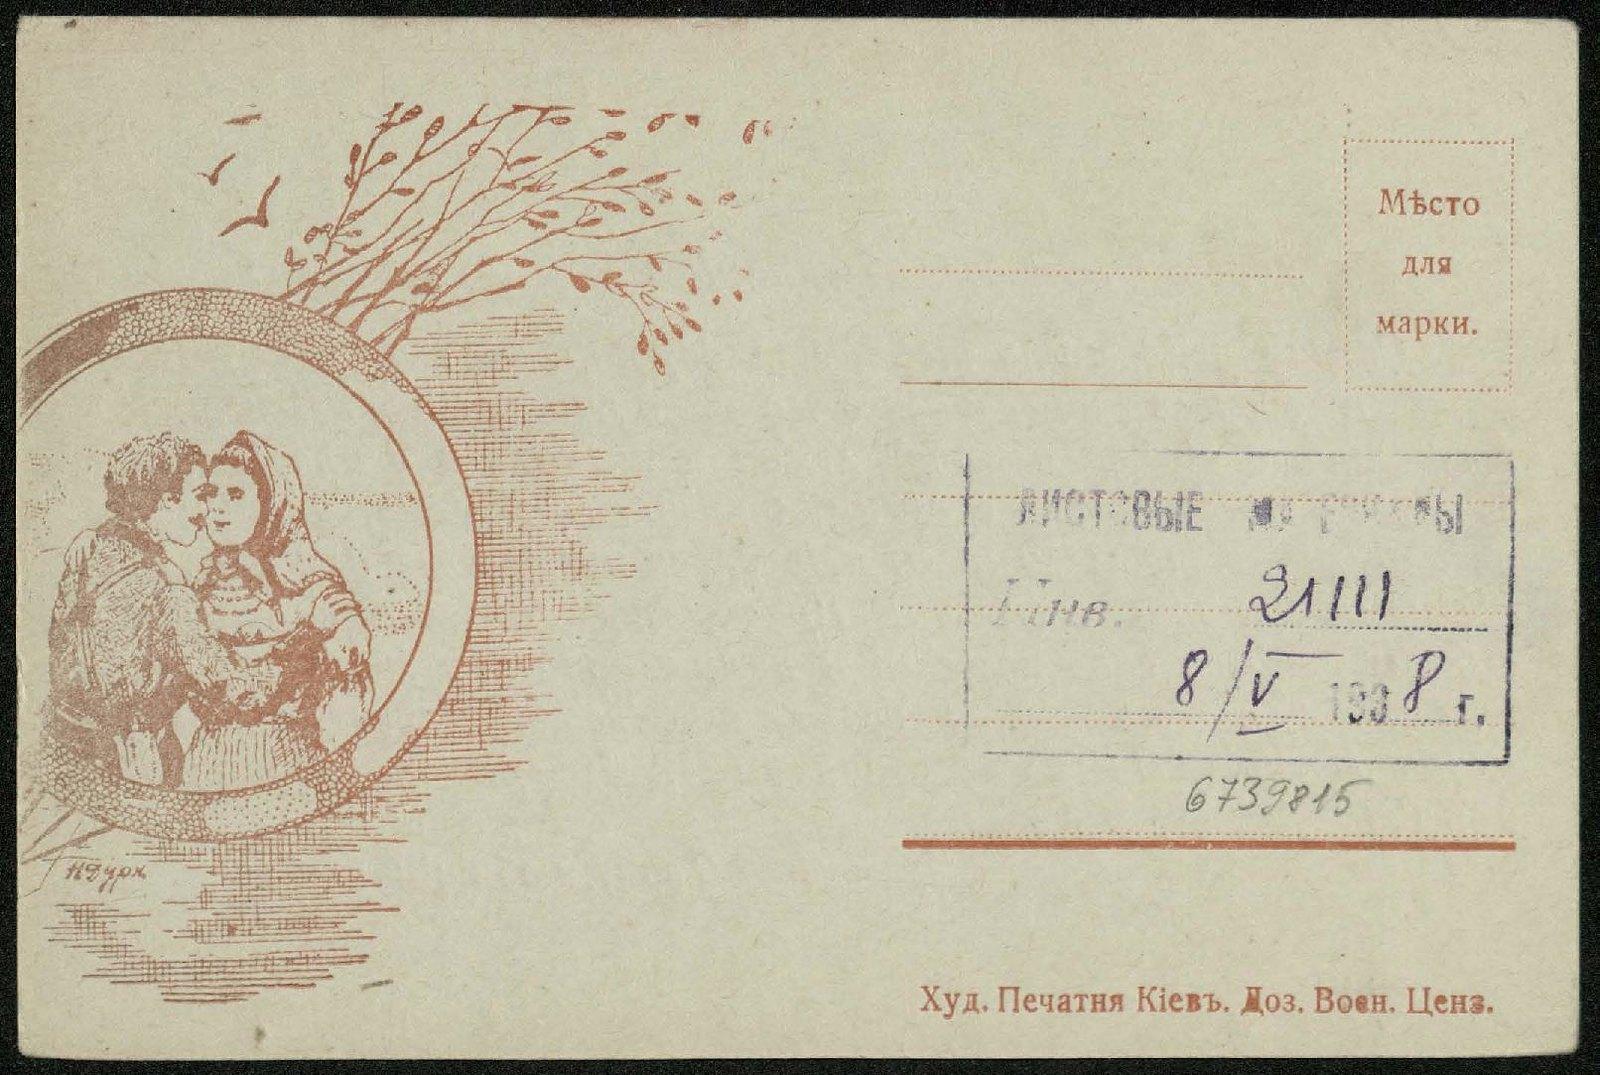 Открытое письмо из действующей армии с ответом (2)